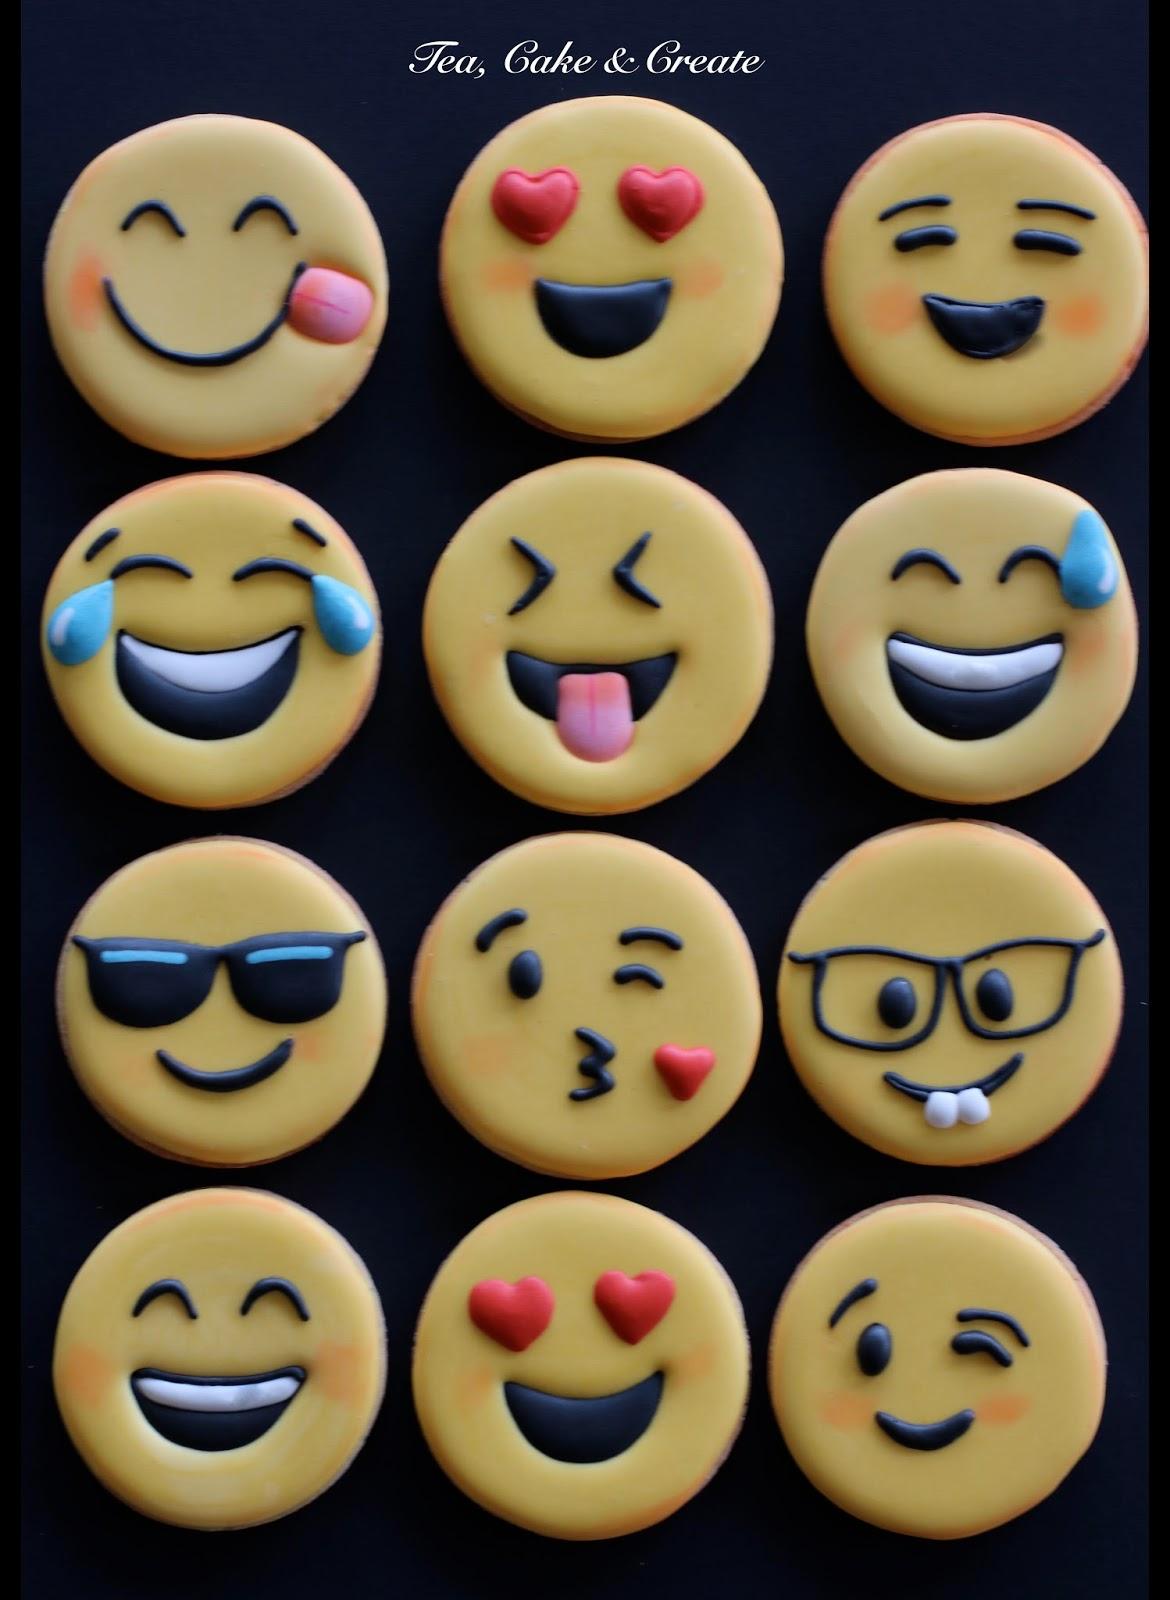 tea cake create emoji cookies